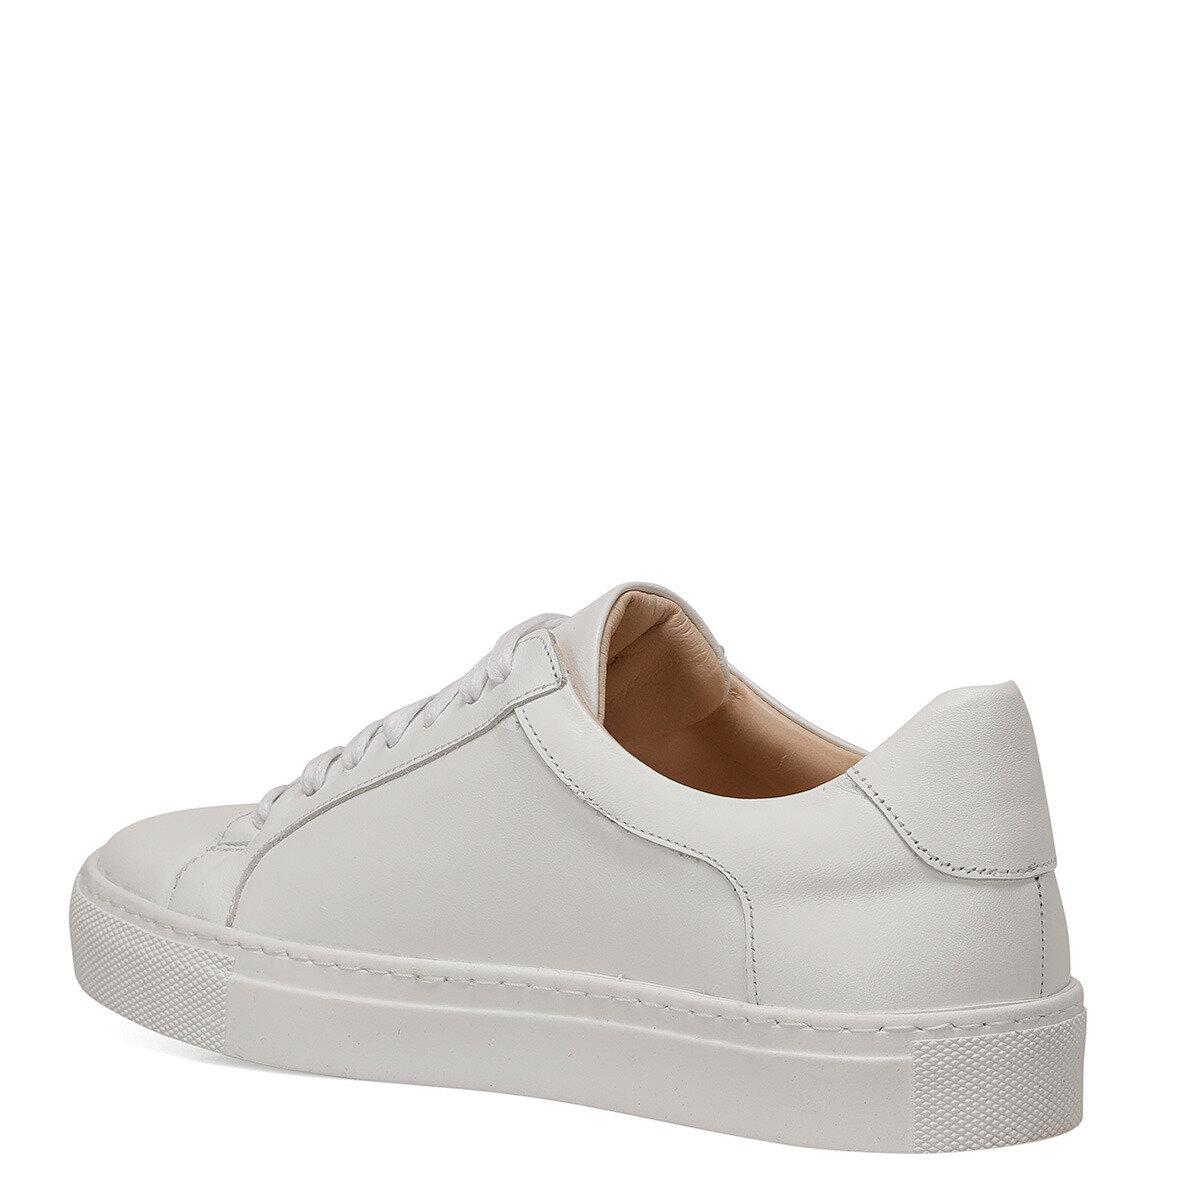 PUCISCA Beyaz Kadın Spor Ayakkabı